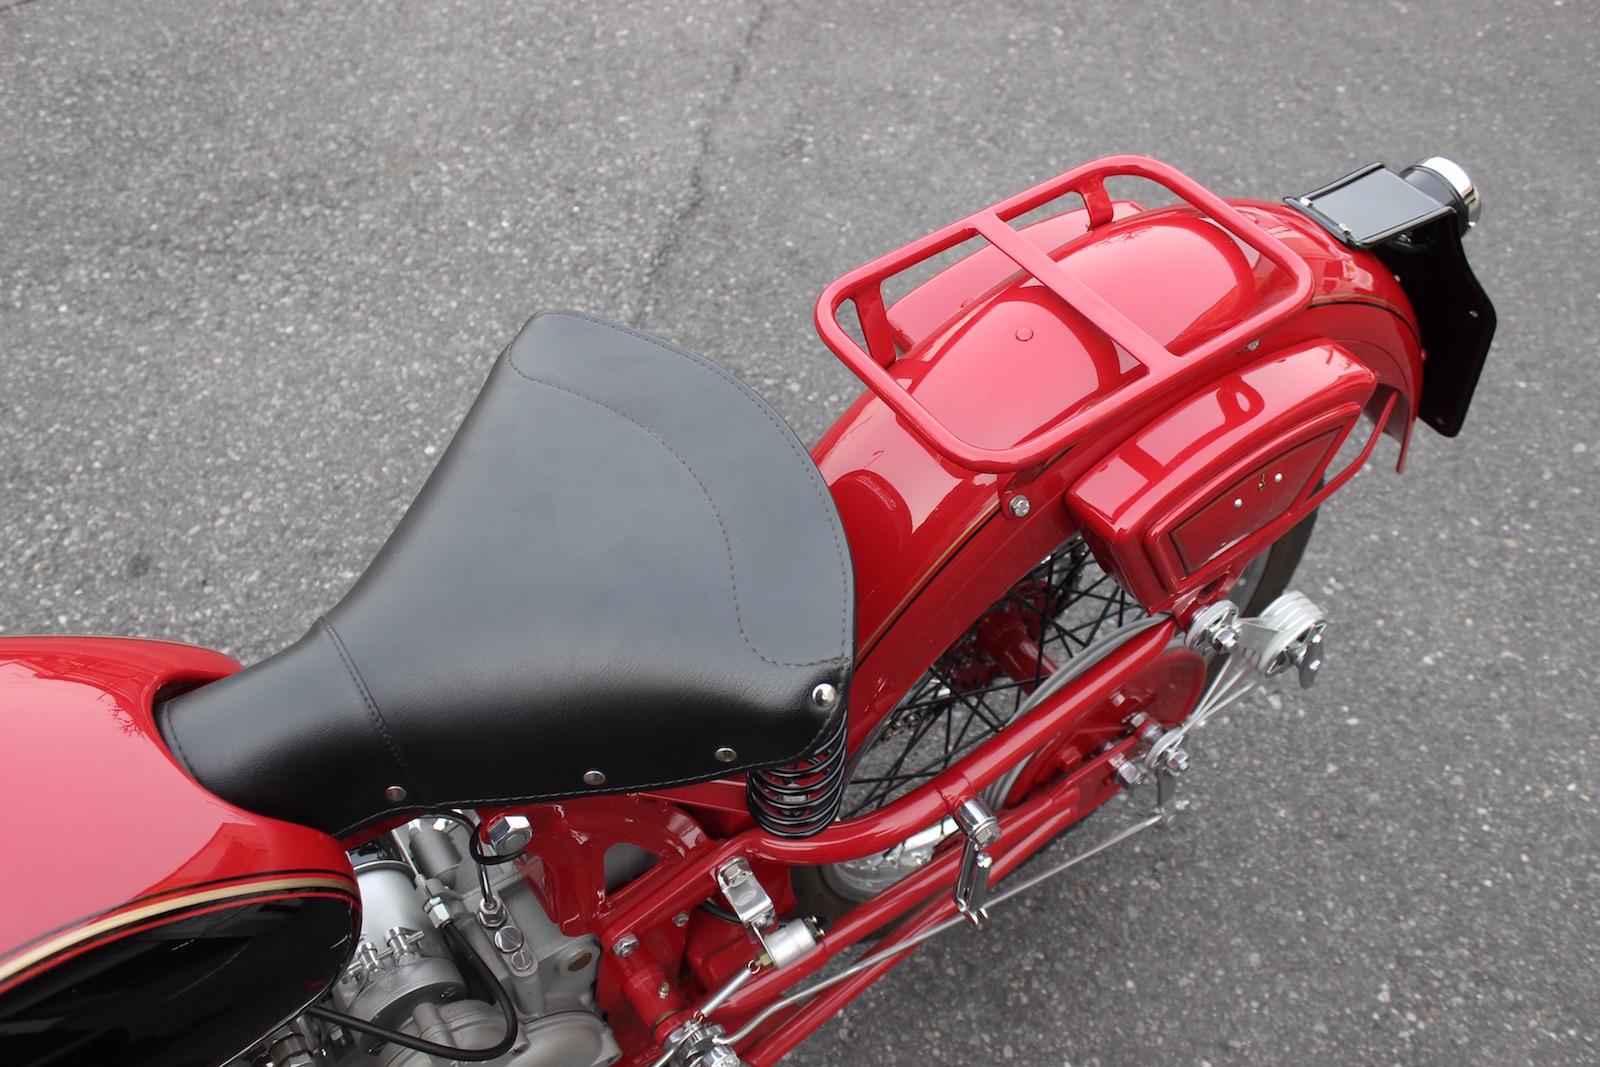 Moto Guzzi Airone Turismo 入荷。_a0208987_17584532.jpg